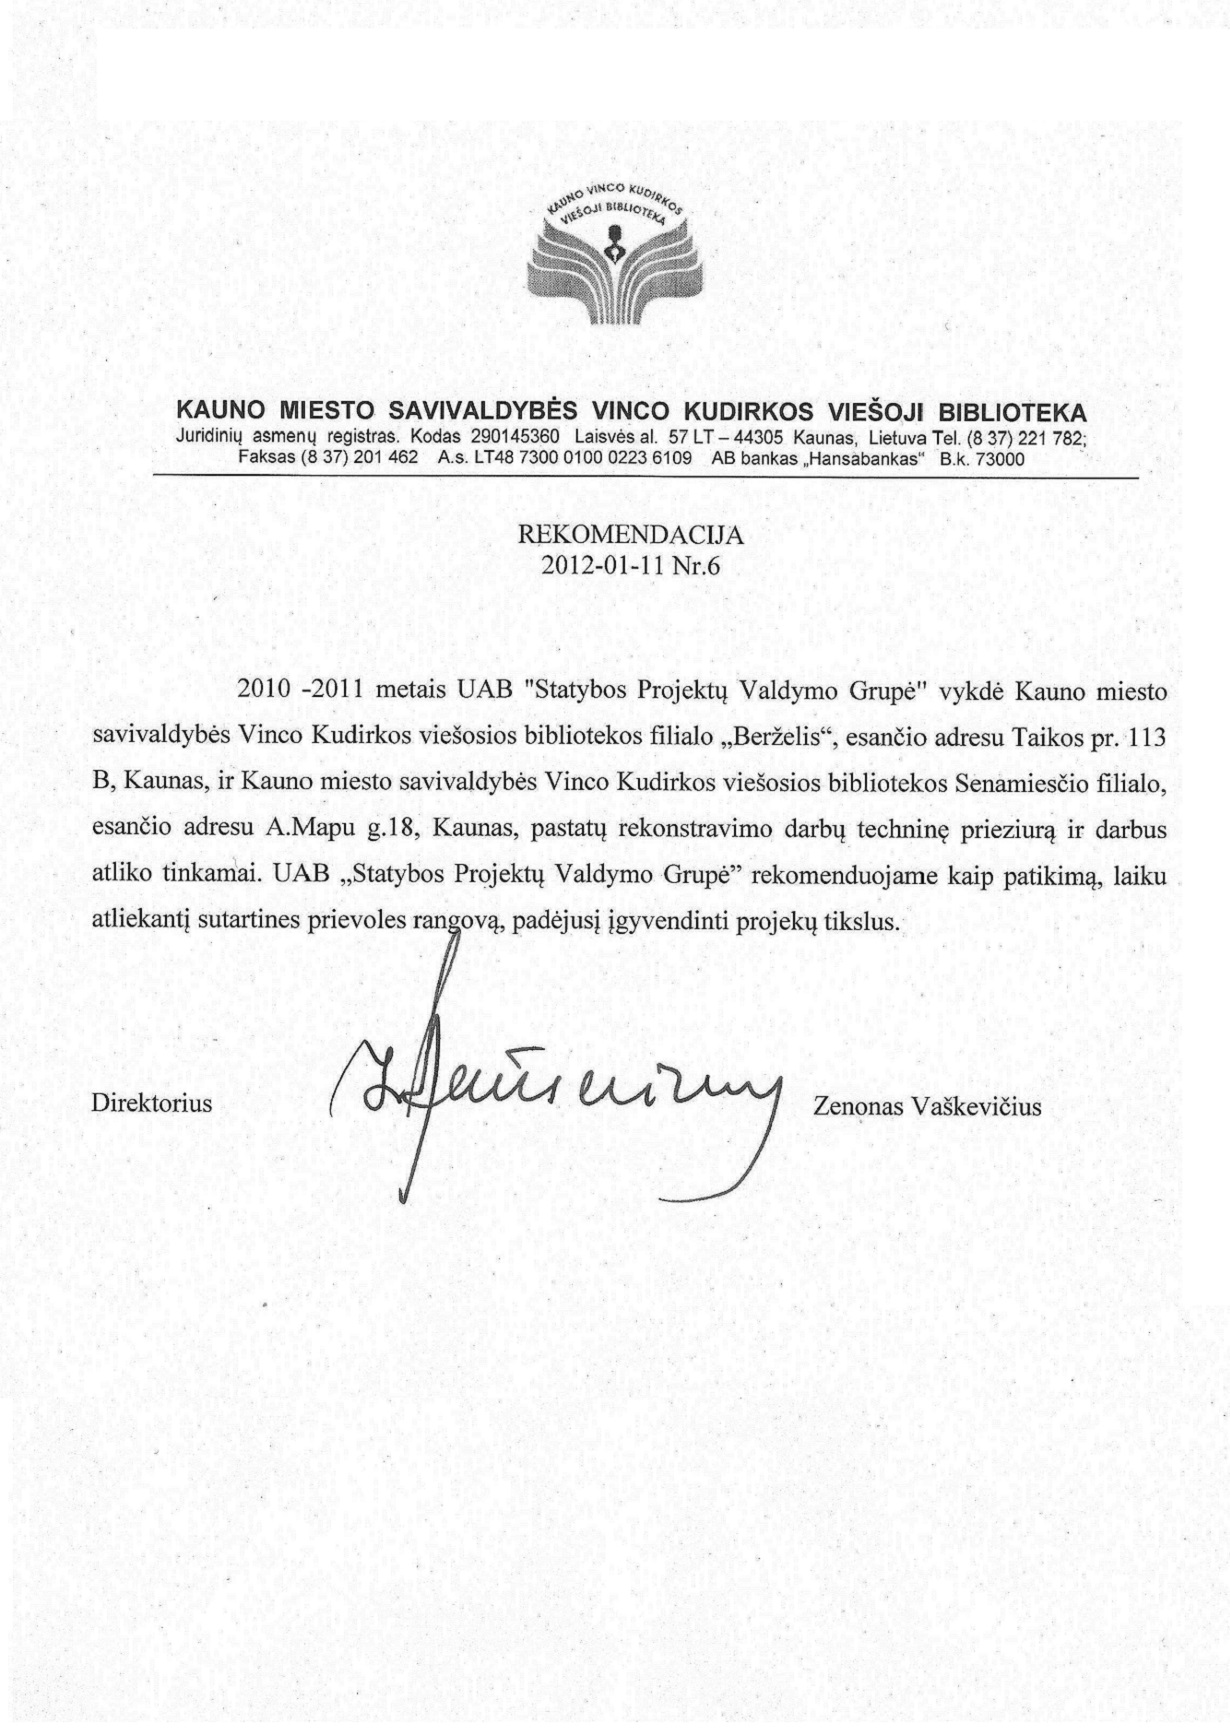 Kauno m.  V. Kudirkos Viešoji biblioteka. Rekomendacija 2012-01-11